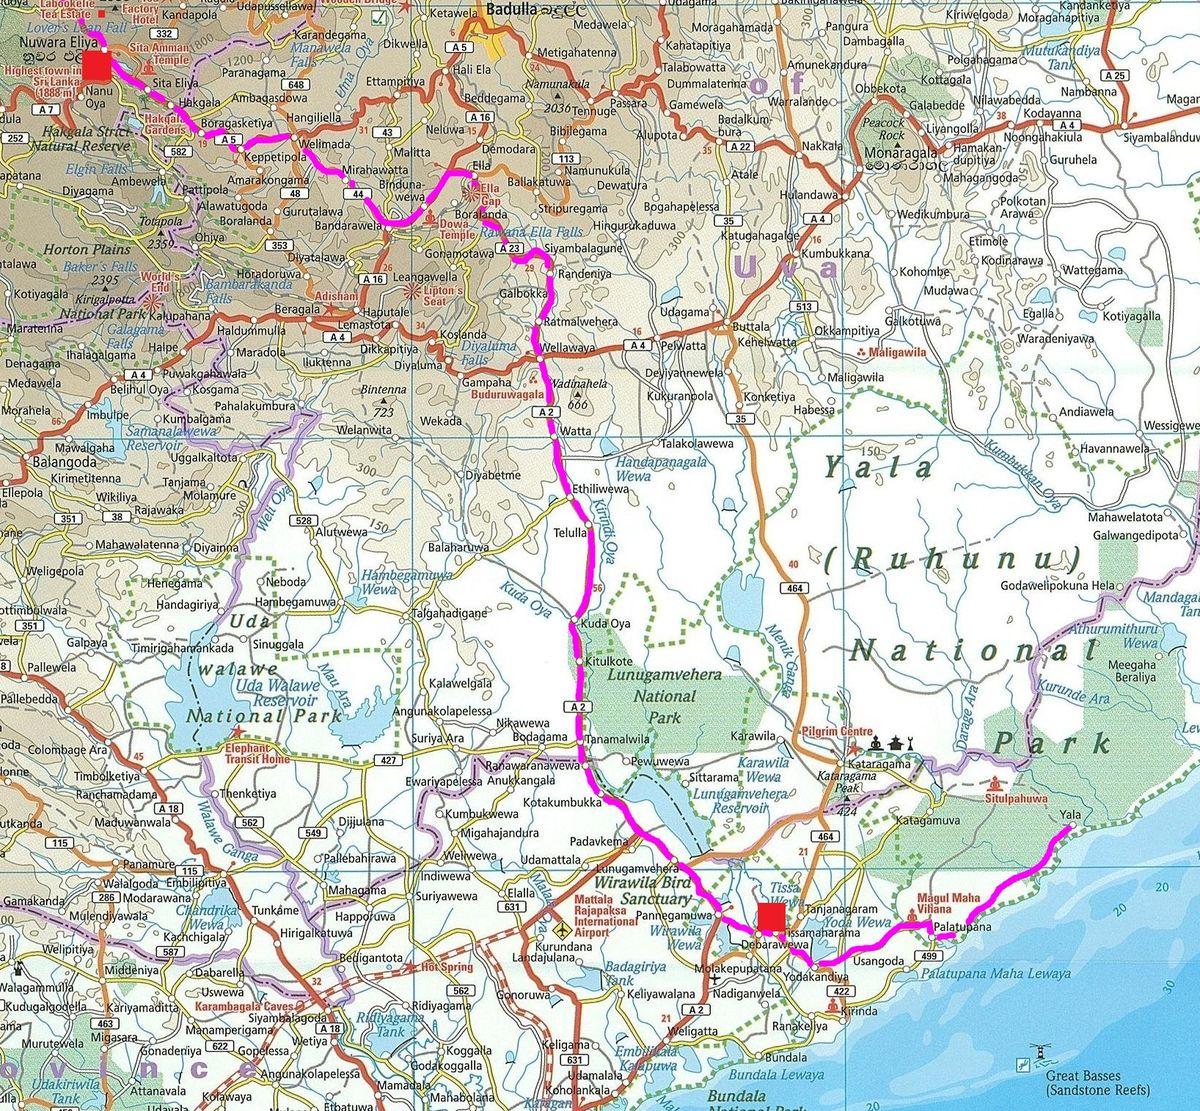 29-01-20-map